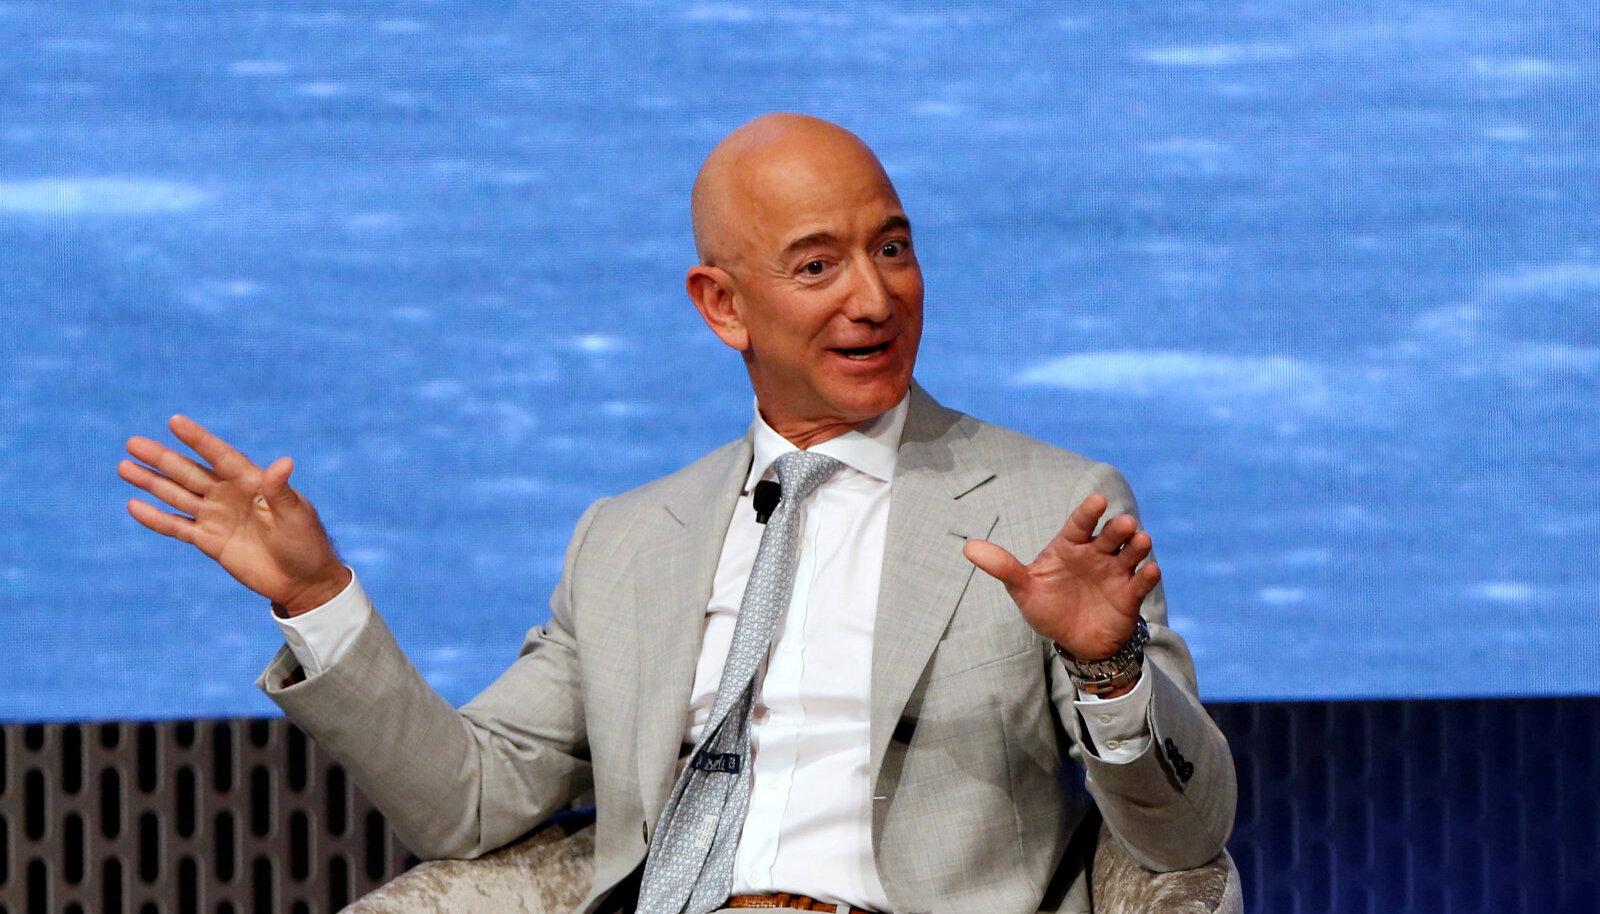 Maailma rikkaim inimene on Amazoni asutaja Jeff Bezos, kelle vara väärtus ulatub 180 miljardi dollarini